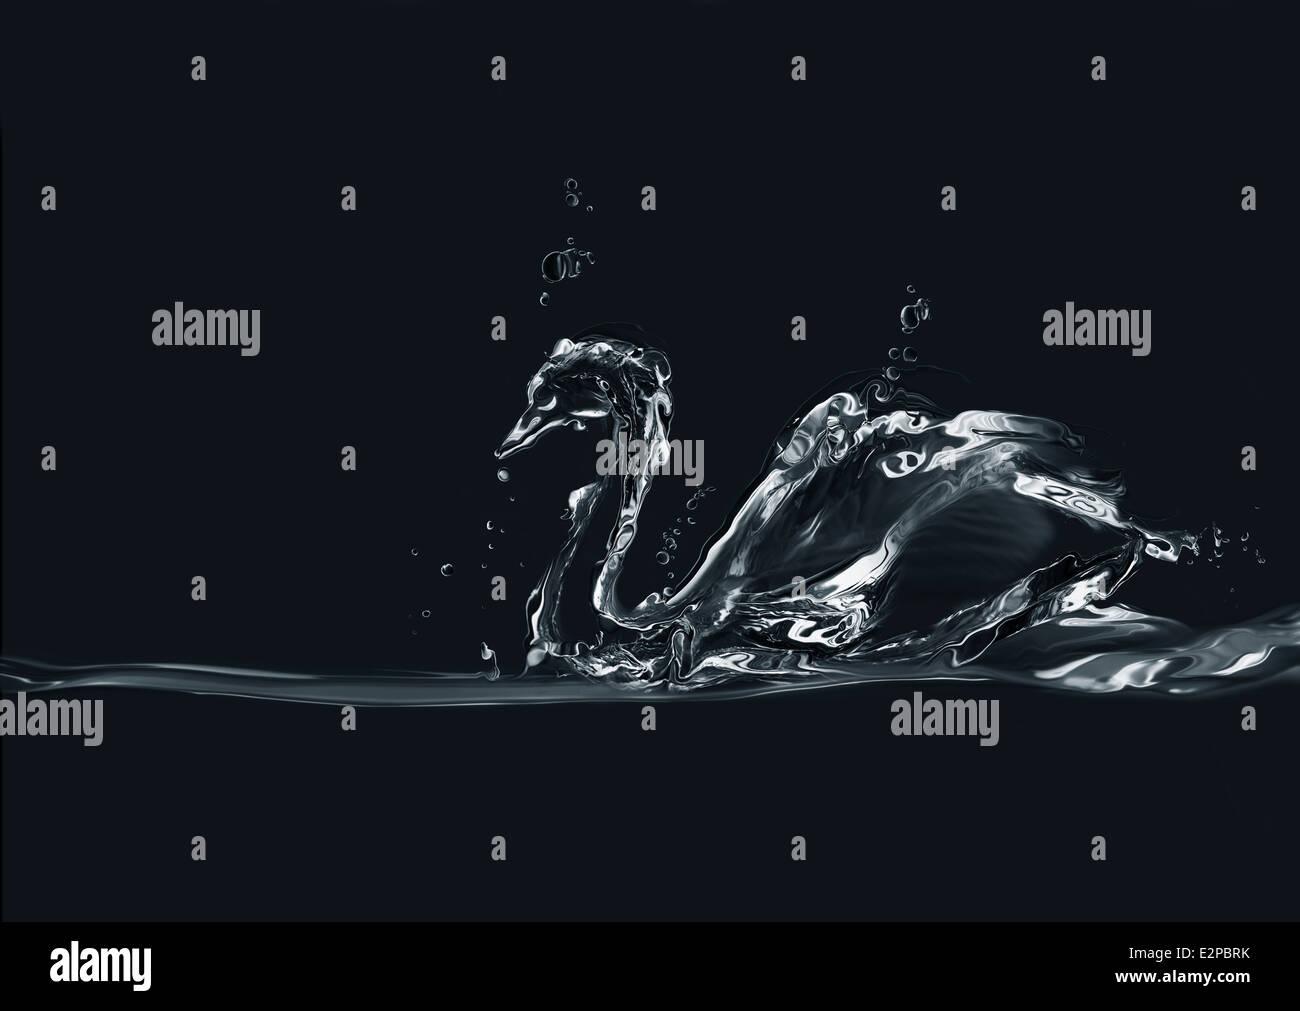 La silueta de un cisne de agua sobre un fondo negro. Imagen De Stock